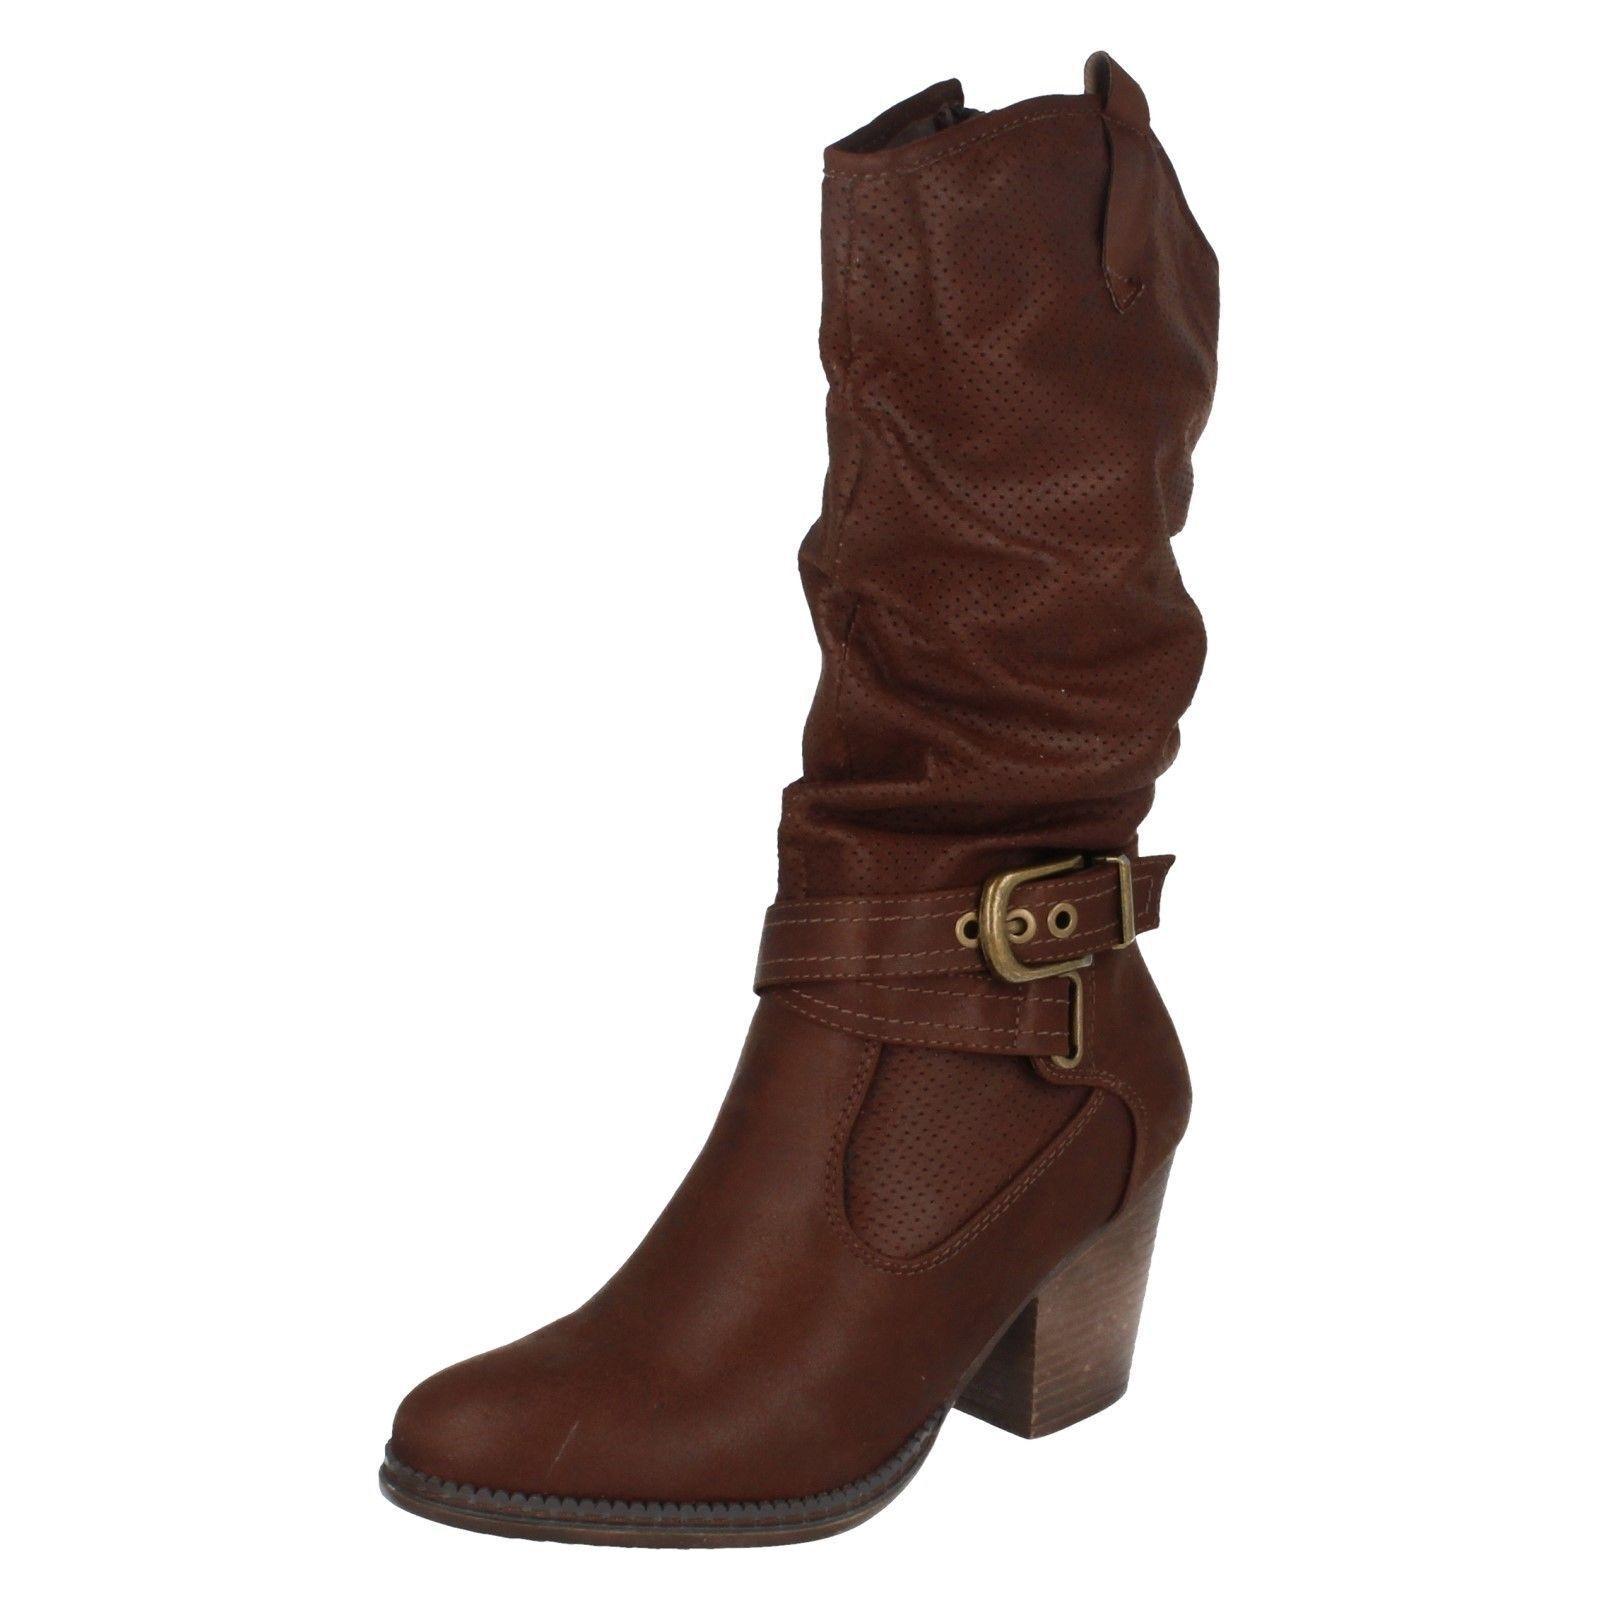 Donna NERO NERO NERO DARK caffè sulla Terra Al Polpaccio Con Tacco Stivali Da Cowboy F5R0951 | Benvenuto  | Uomo/Donne Scarpa  1f5c1d